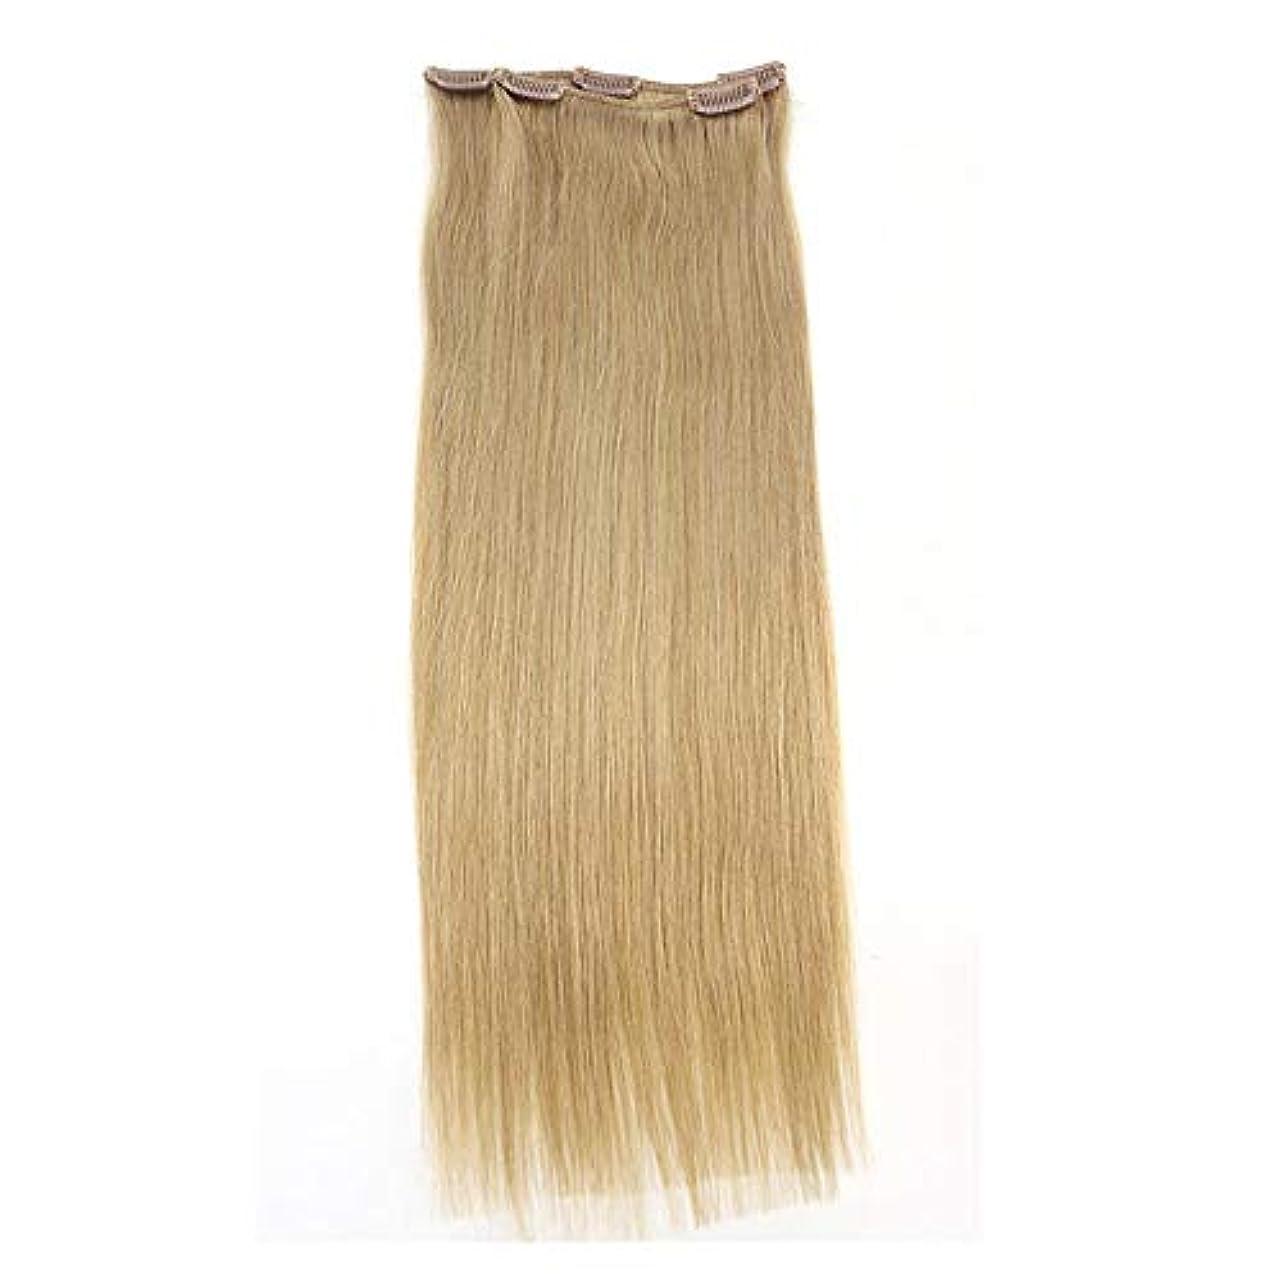 免疫同行移民WASAIO 女性のためのワンピースロング真でヘアエクステンションクリップ裏地なし髪型ブロンド色のヒトクリップ (色 : Blonde, サイズ : 16 inch)